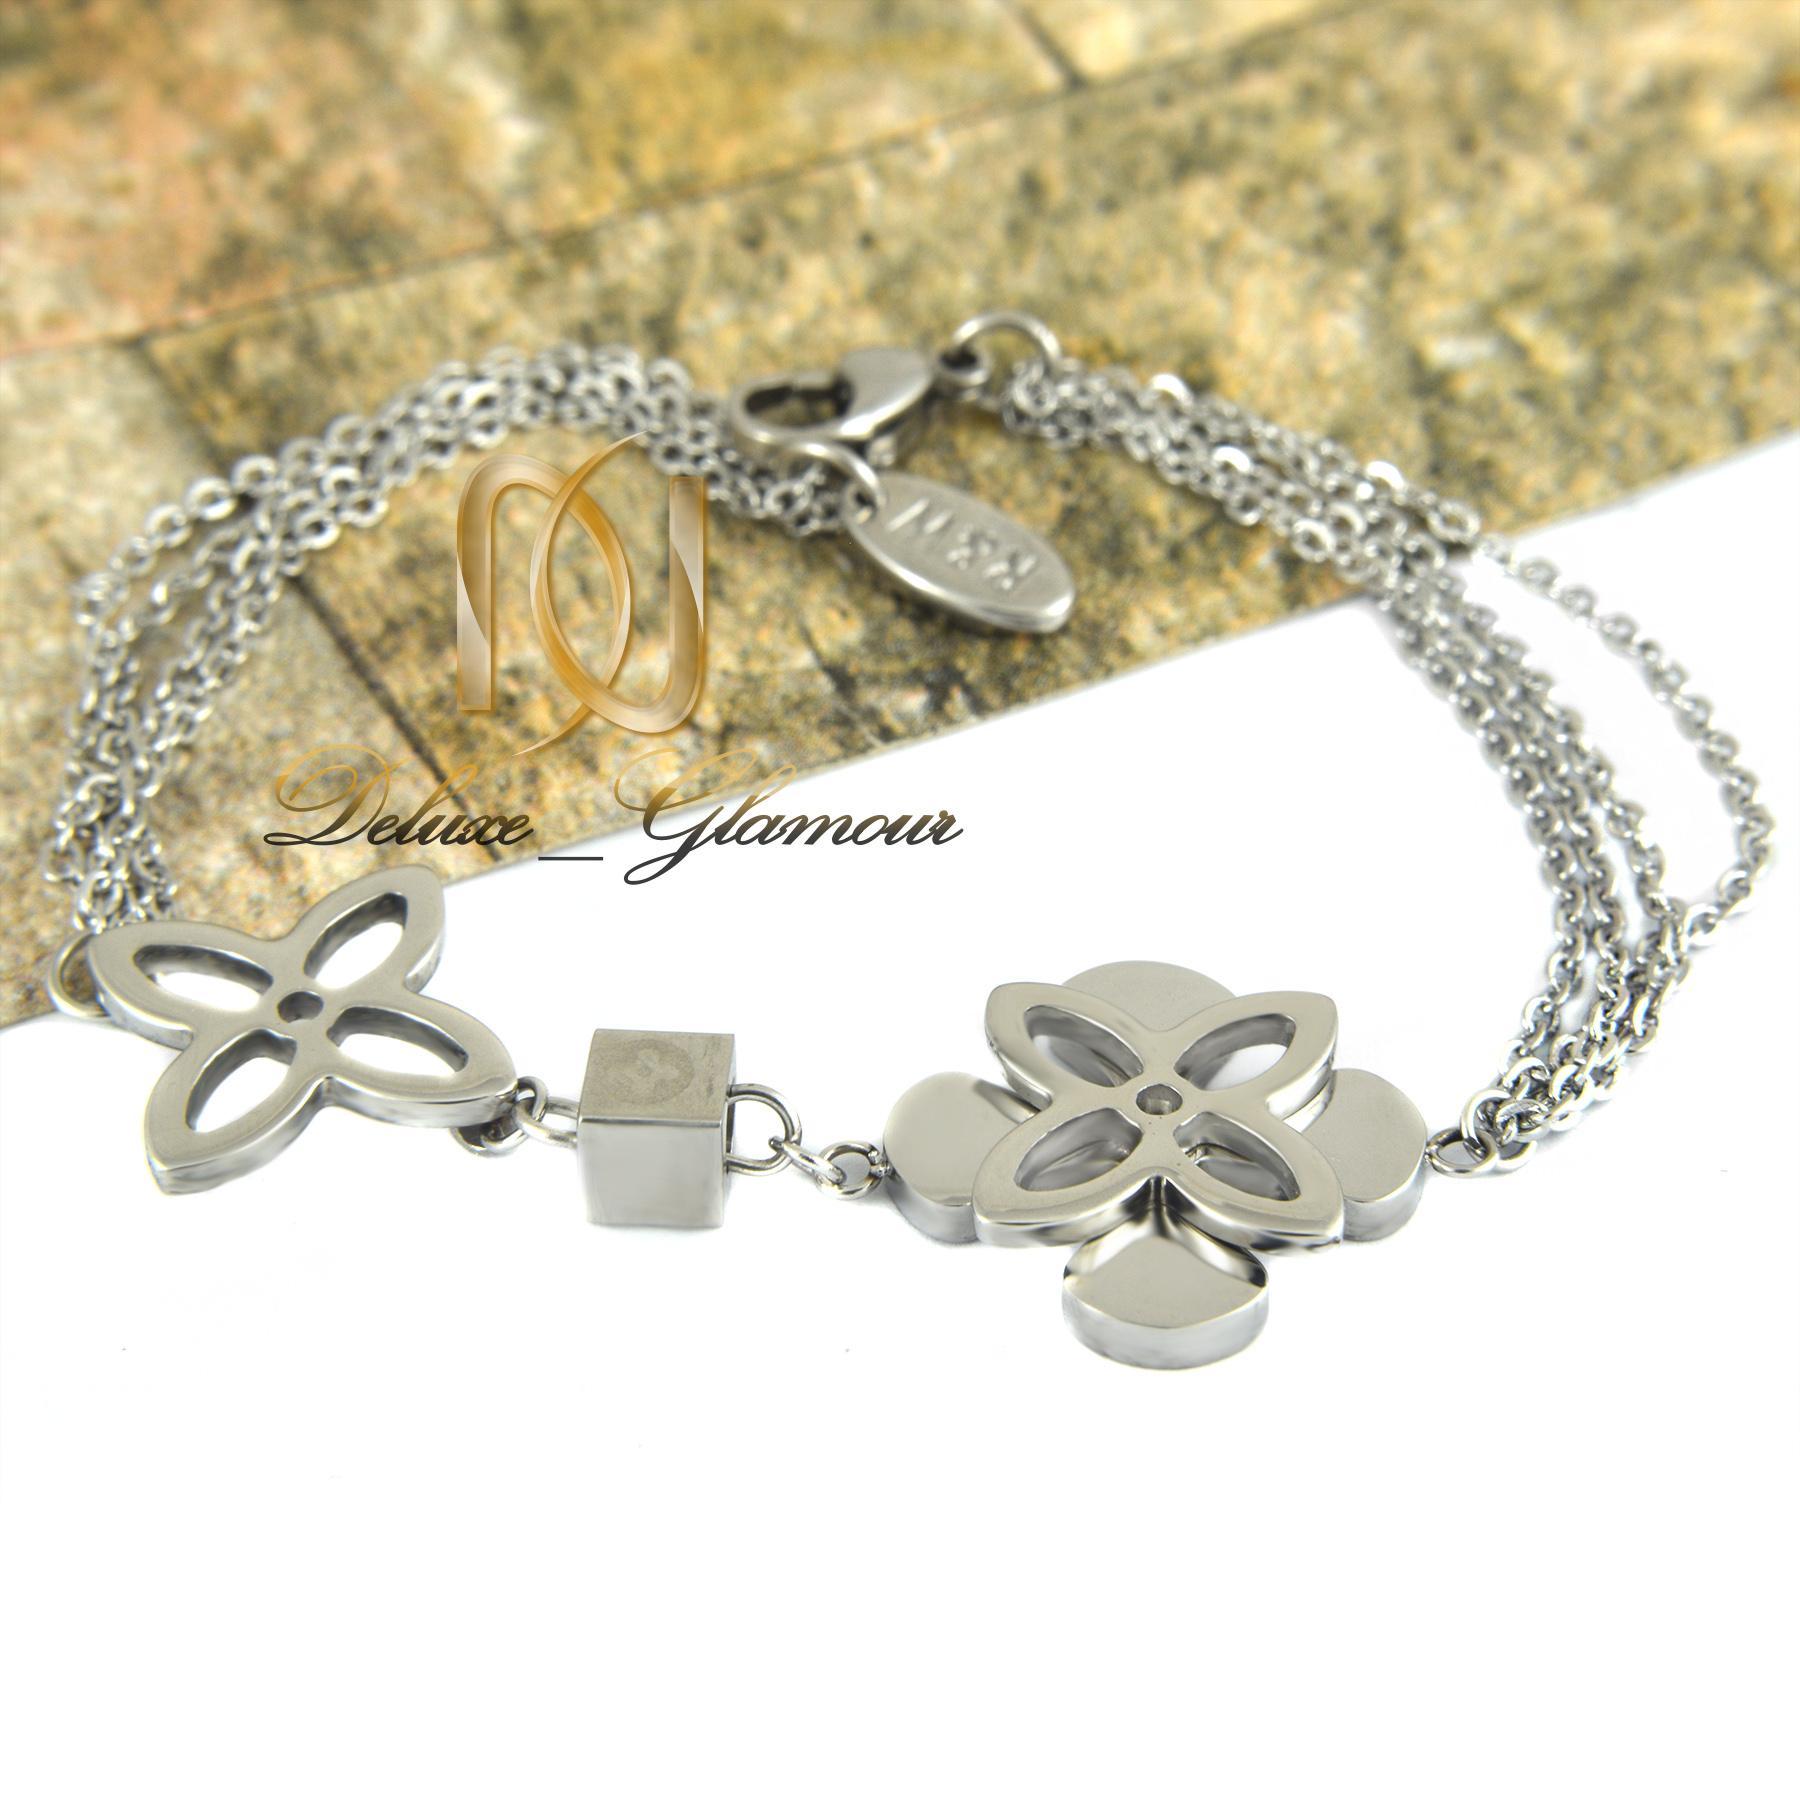 دستبند دخترانه استيل طرح گل ds-n318 از نماي سفيد